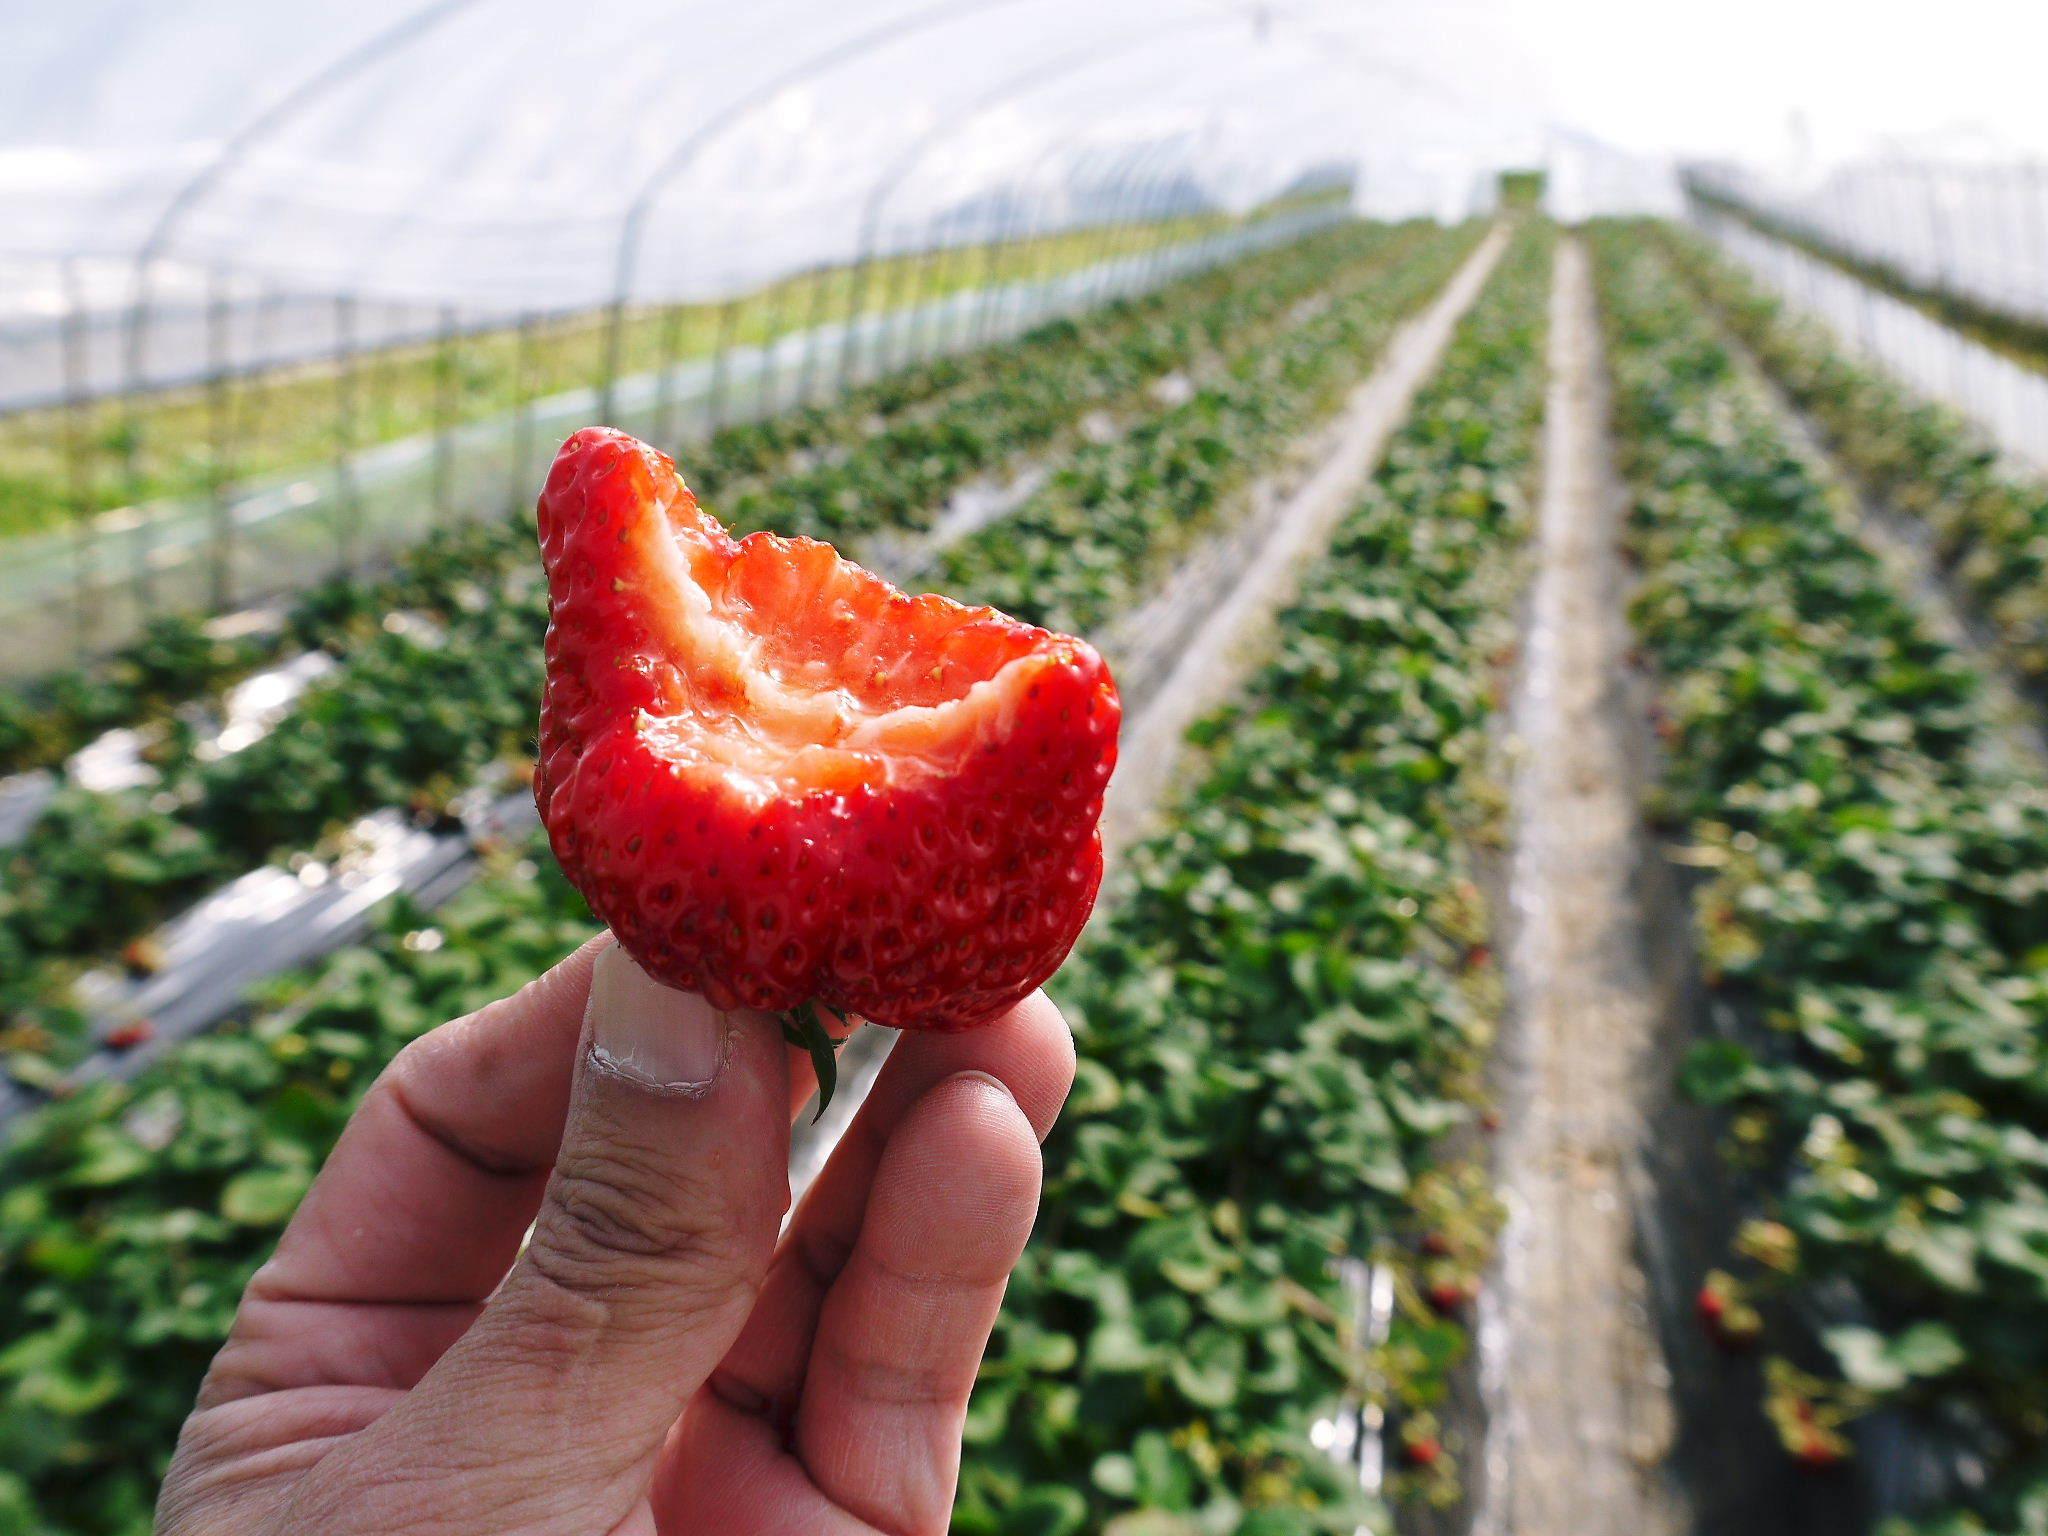 熊本産高級イチゴ『完熟紅ほっぺ』2020年はレギュラーパック3月末発送分、平積みパック4月中旬まで!_a0254656_17464137.jpg